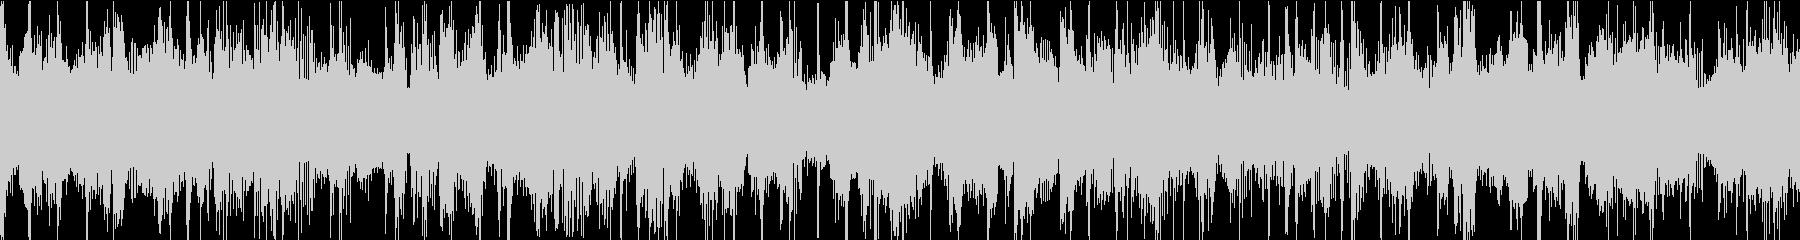 チャンネル登録ジングルメロウファンクの未再生の波形